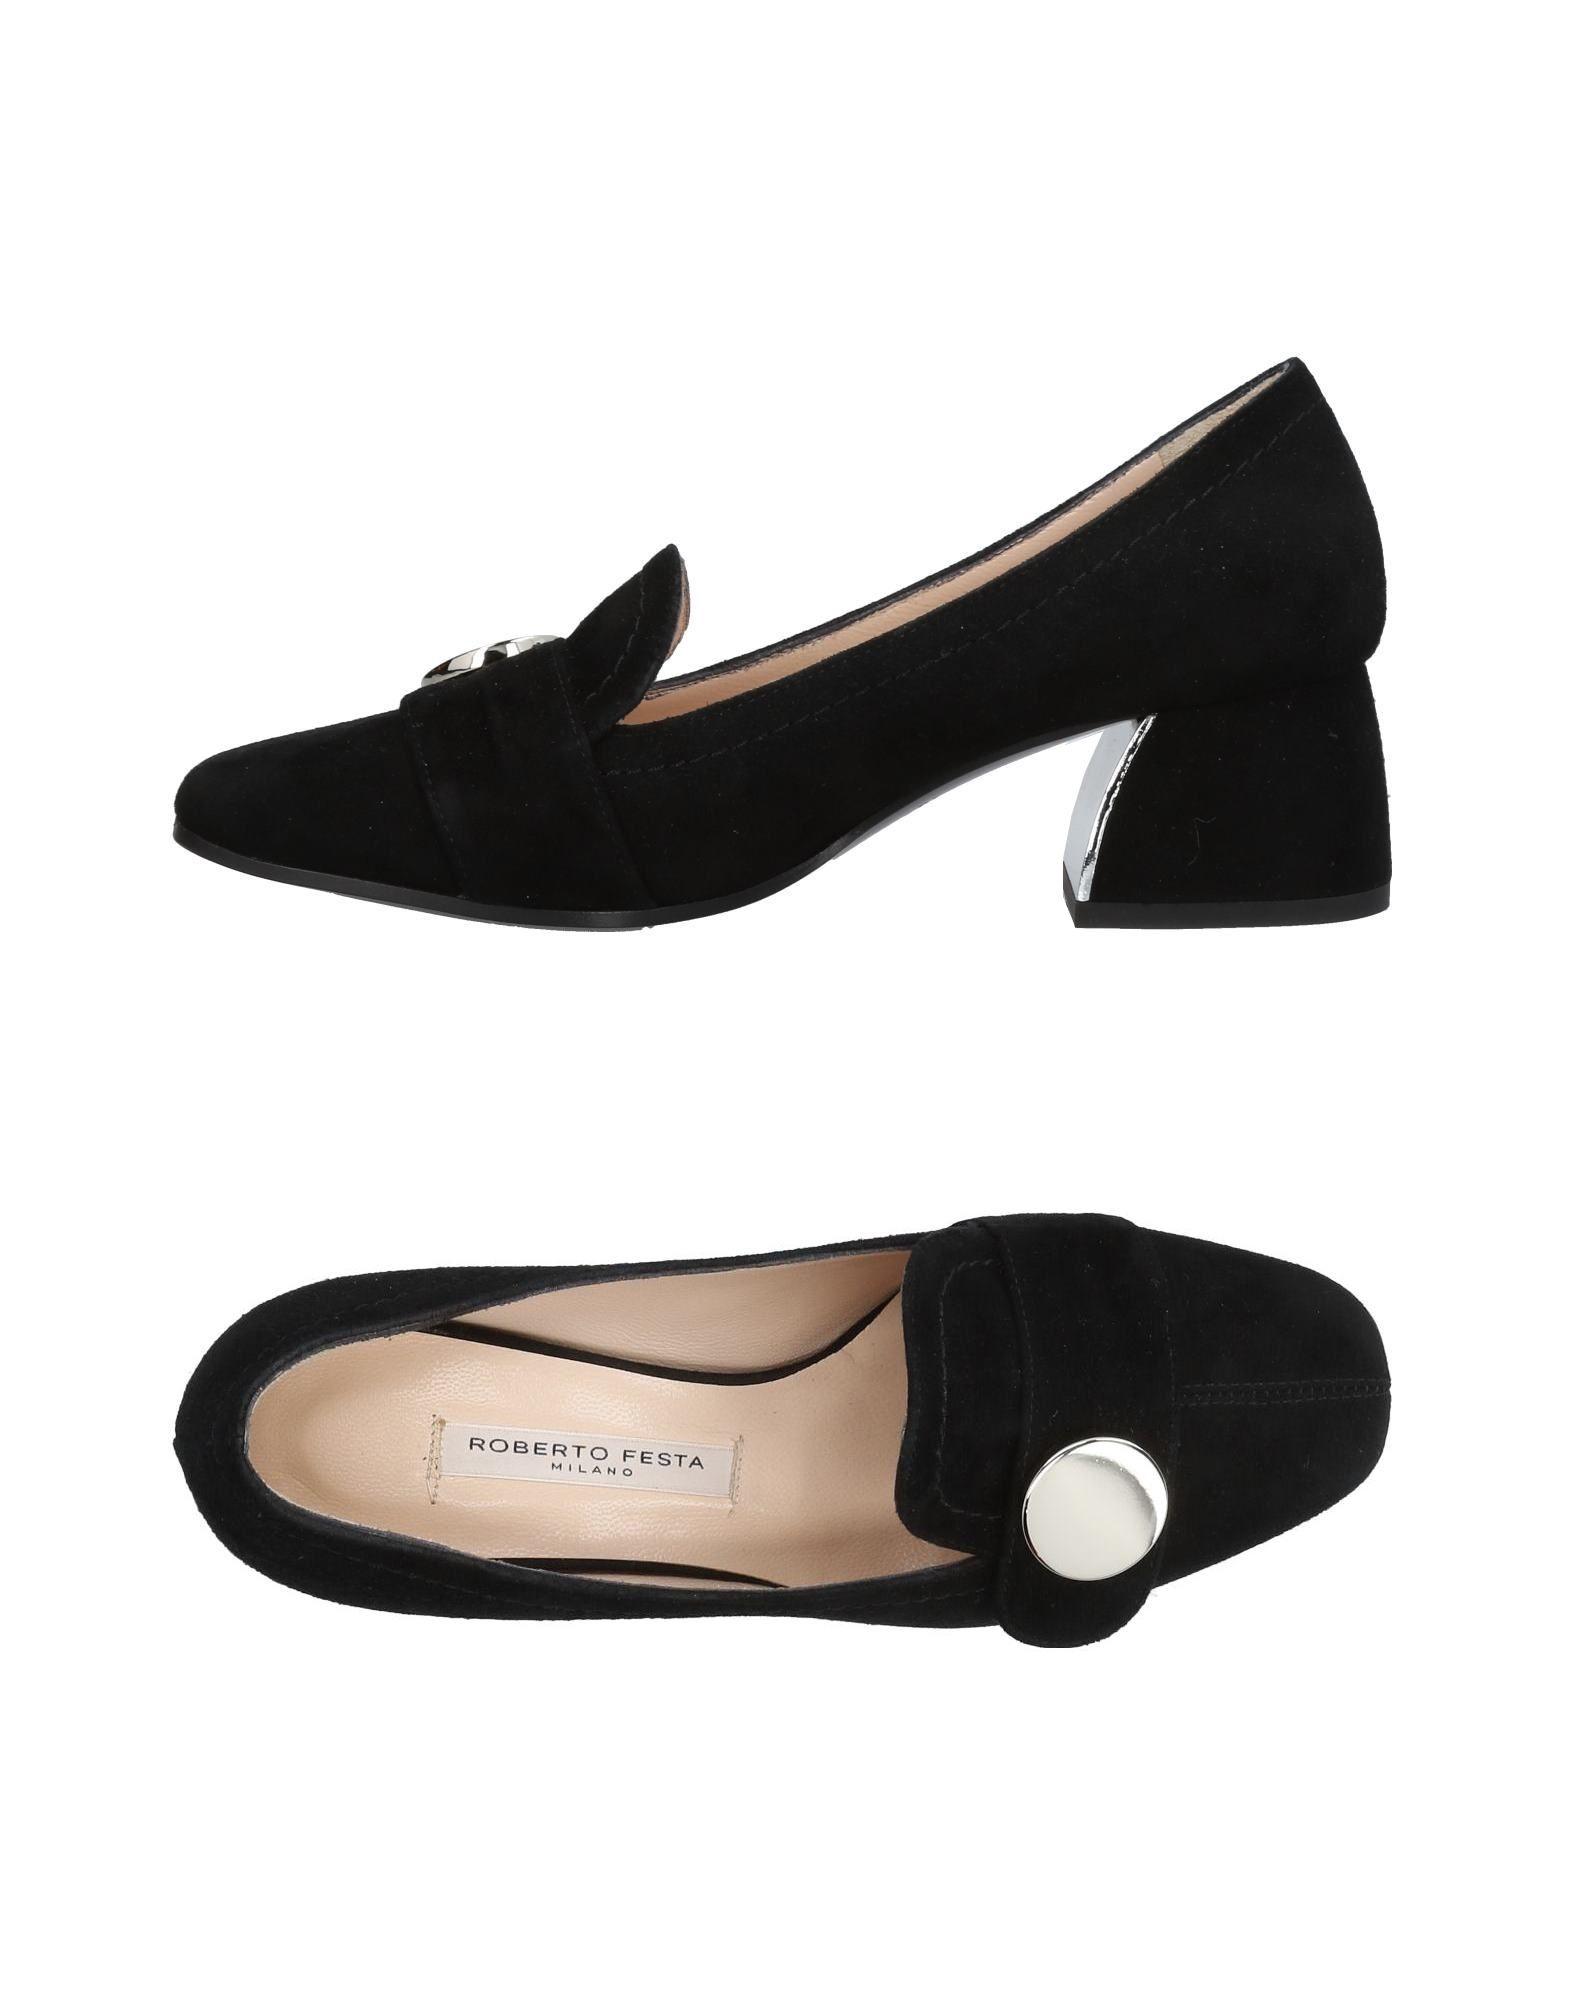 Roberto Festa Mokassins Damen  11457544OS Qualität Gute Qualität 11457544OS beliebte Schuhe 75af4a